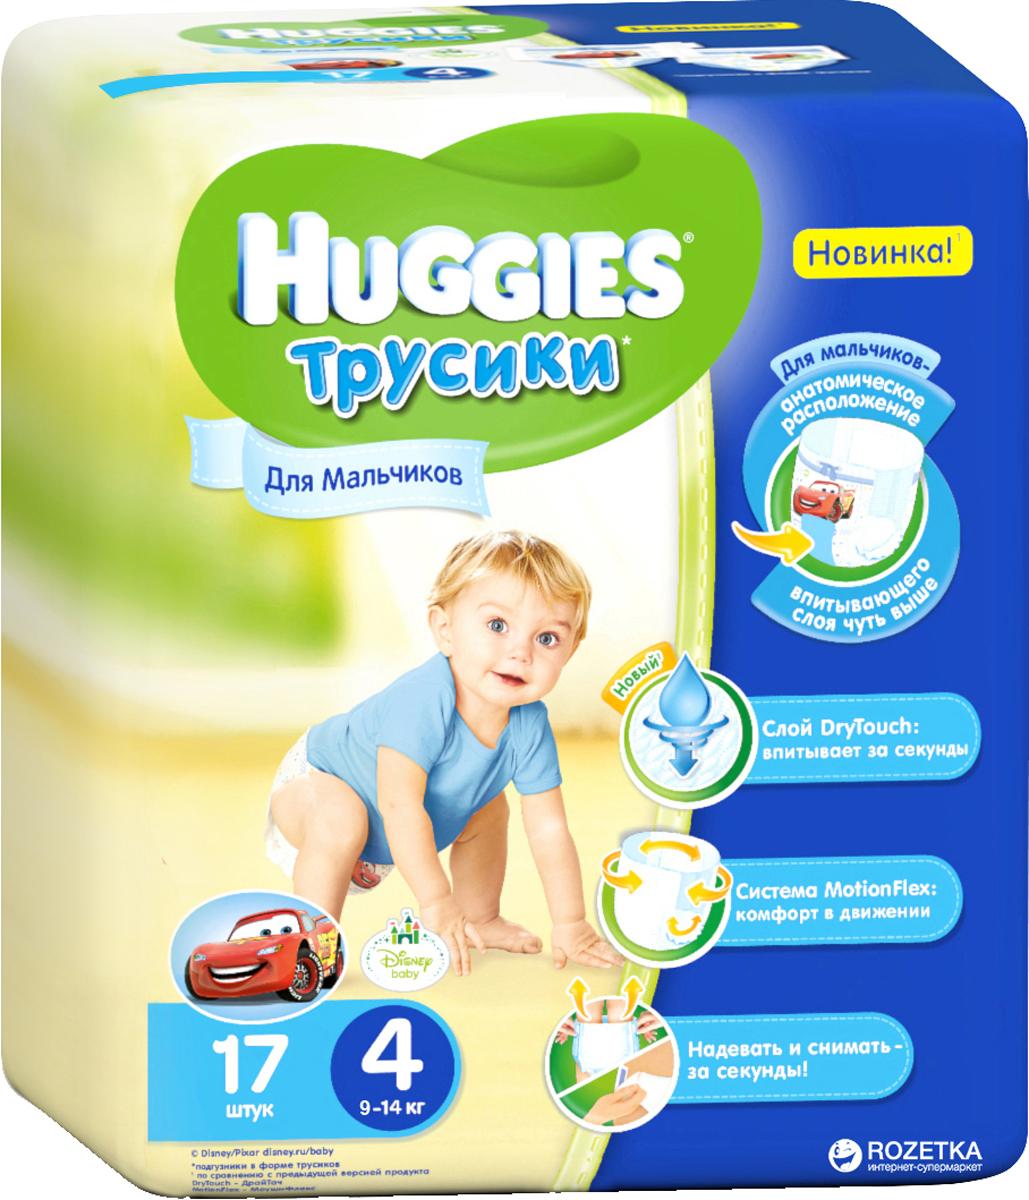 Huggies Подгузники-трусики для мальчиков 4, 9-14 кг, 17 шт9401431Трусики-подгузники Huggies разработаны с учетом физиологических особенностей ребенка, обеспечивая малышам полную свободу действий! Единственные трусики-подгузники, имеющие анатомическую форму, препятствующую натиранию между ножек! Специальный впитывающий слой расположен выше для мальчиков и по центру для девочек. Невероятно легко надеваются как настоящие трусики! Удивительно легко снимаются, благодаря уникальным открывающимся боковинкам! Обворожительные дизайны подгузников от Disney, созданные специально для мальчиков, помогут маме создать сказочный мир для малыша.